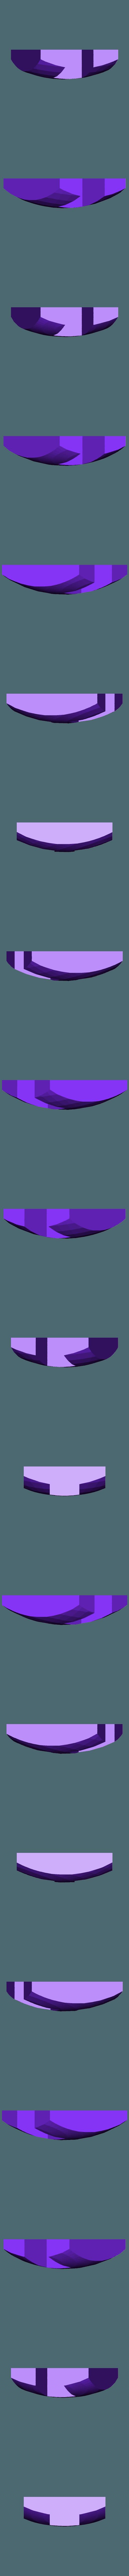 higgsHH.stl Télécharger fichier STL gratuit Modèle standard super-symétrique minimal bosons de Higgs • Objet imprimable en 3D, Mostlydecaf